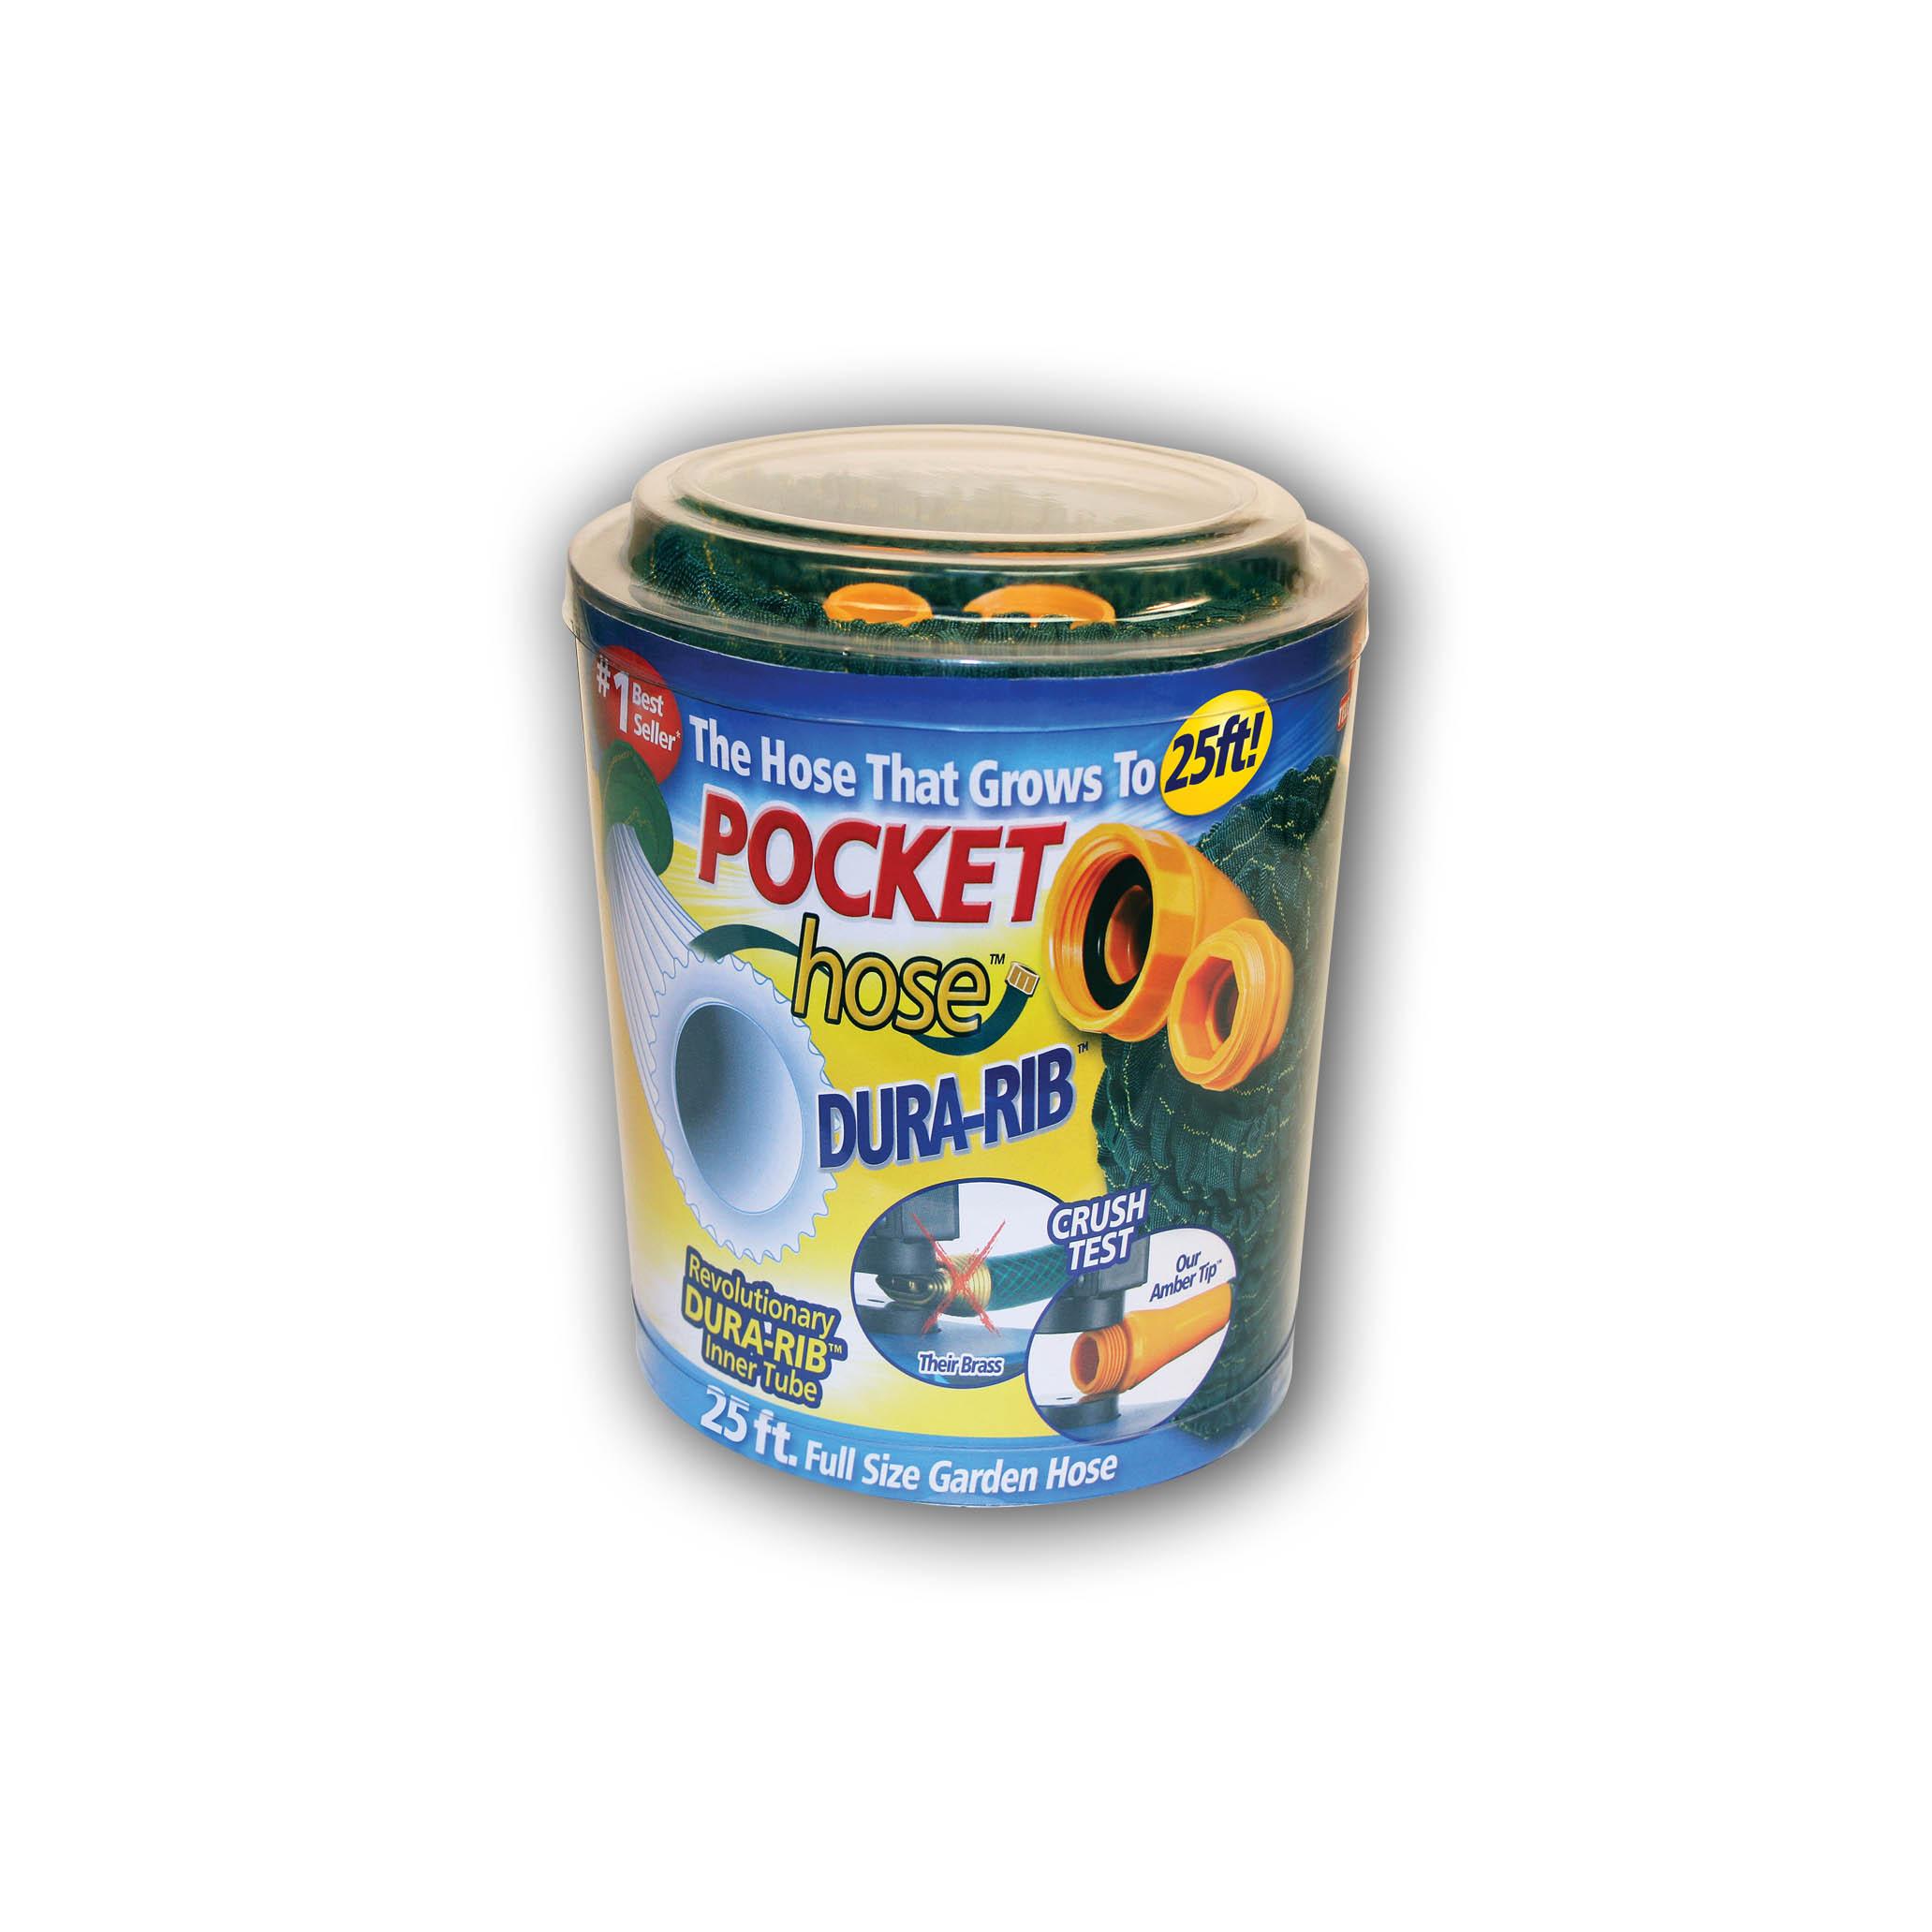 Pocket Hose DuraRib 25' WS